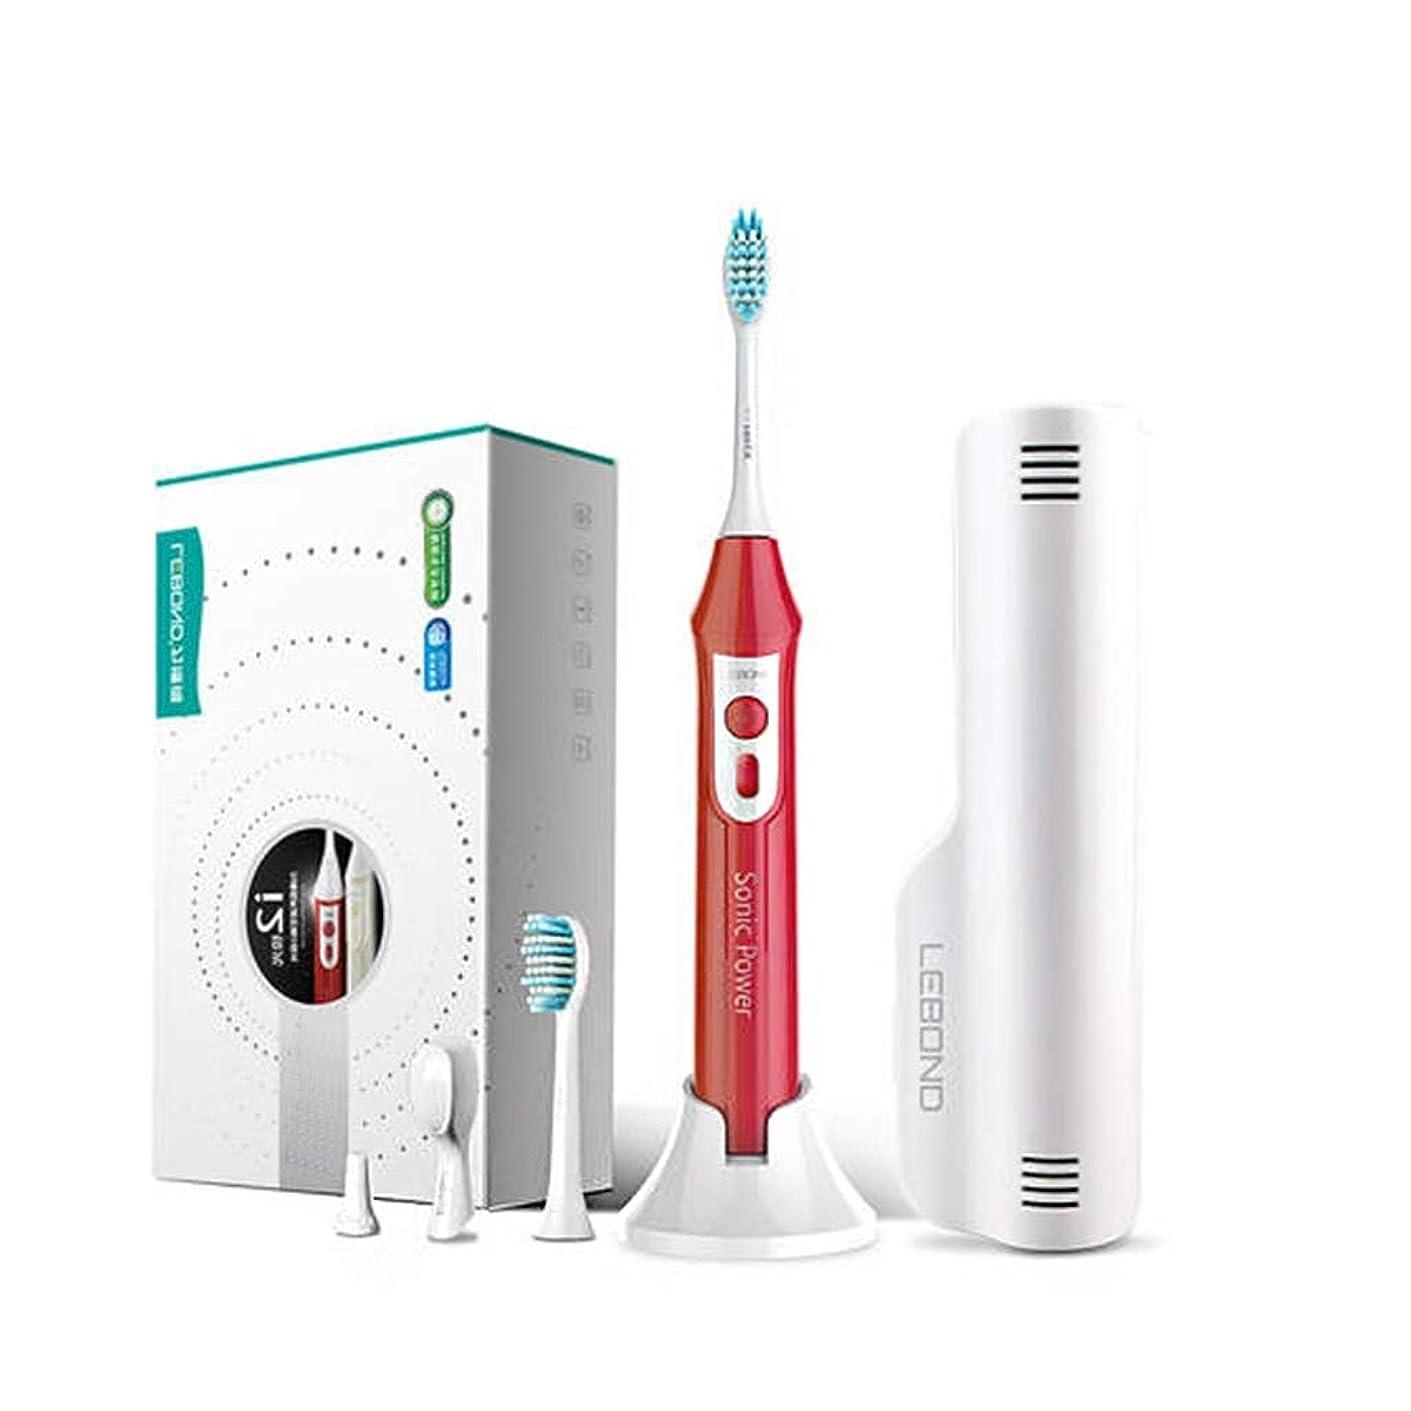 うがい航空会社くしゃみ電動歯ブラシ 大人の家の音波振動の電動歯ブラシの理性的な充満柔らかい毛の自動ブラシの歯のアーティファクト (色 : A)